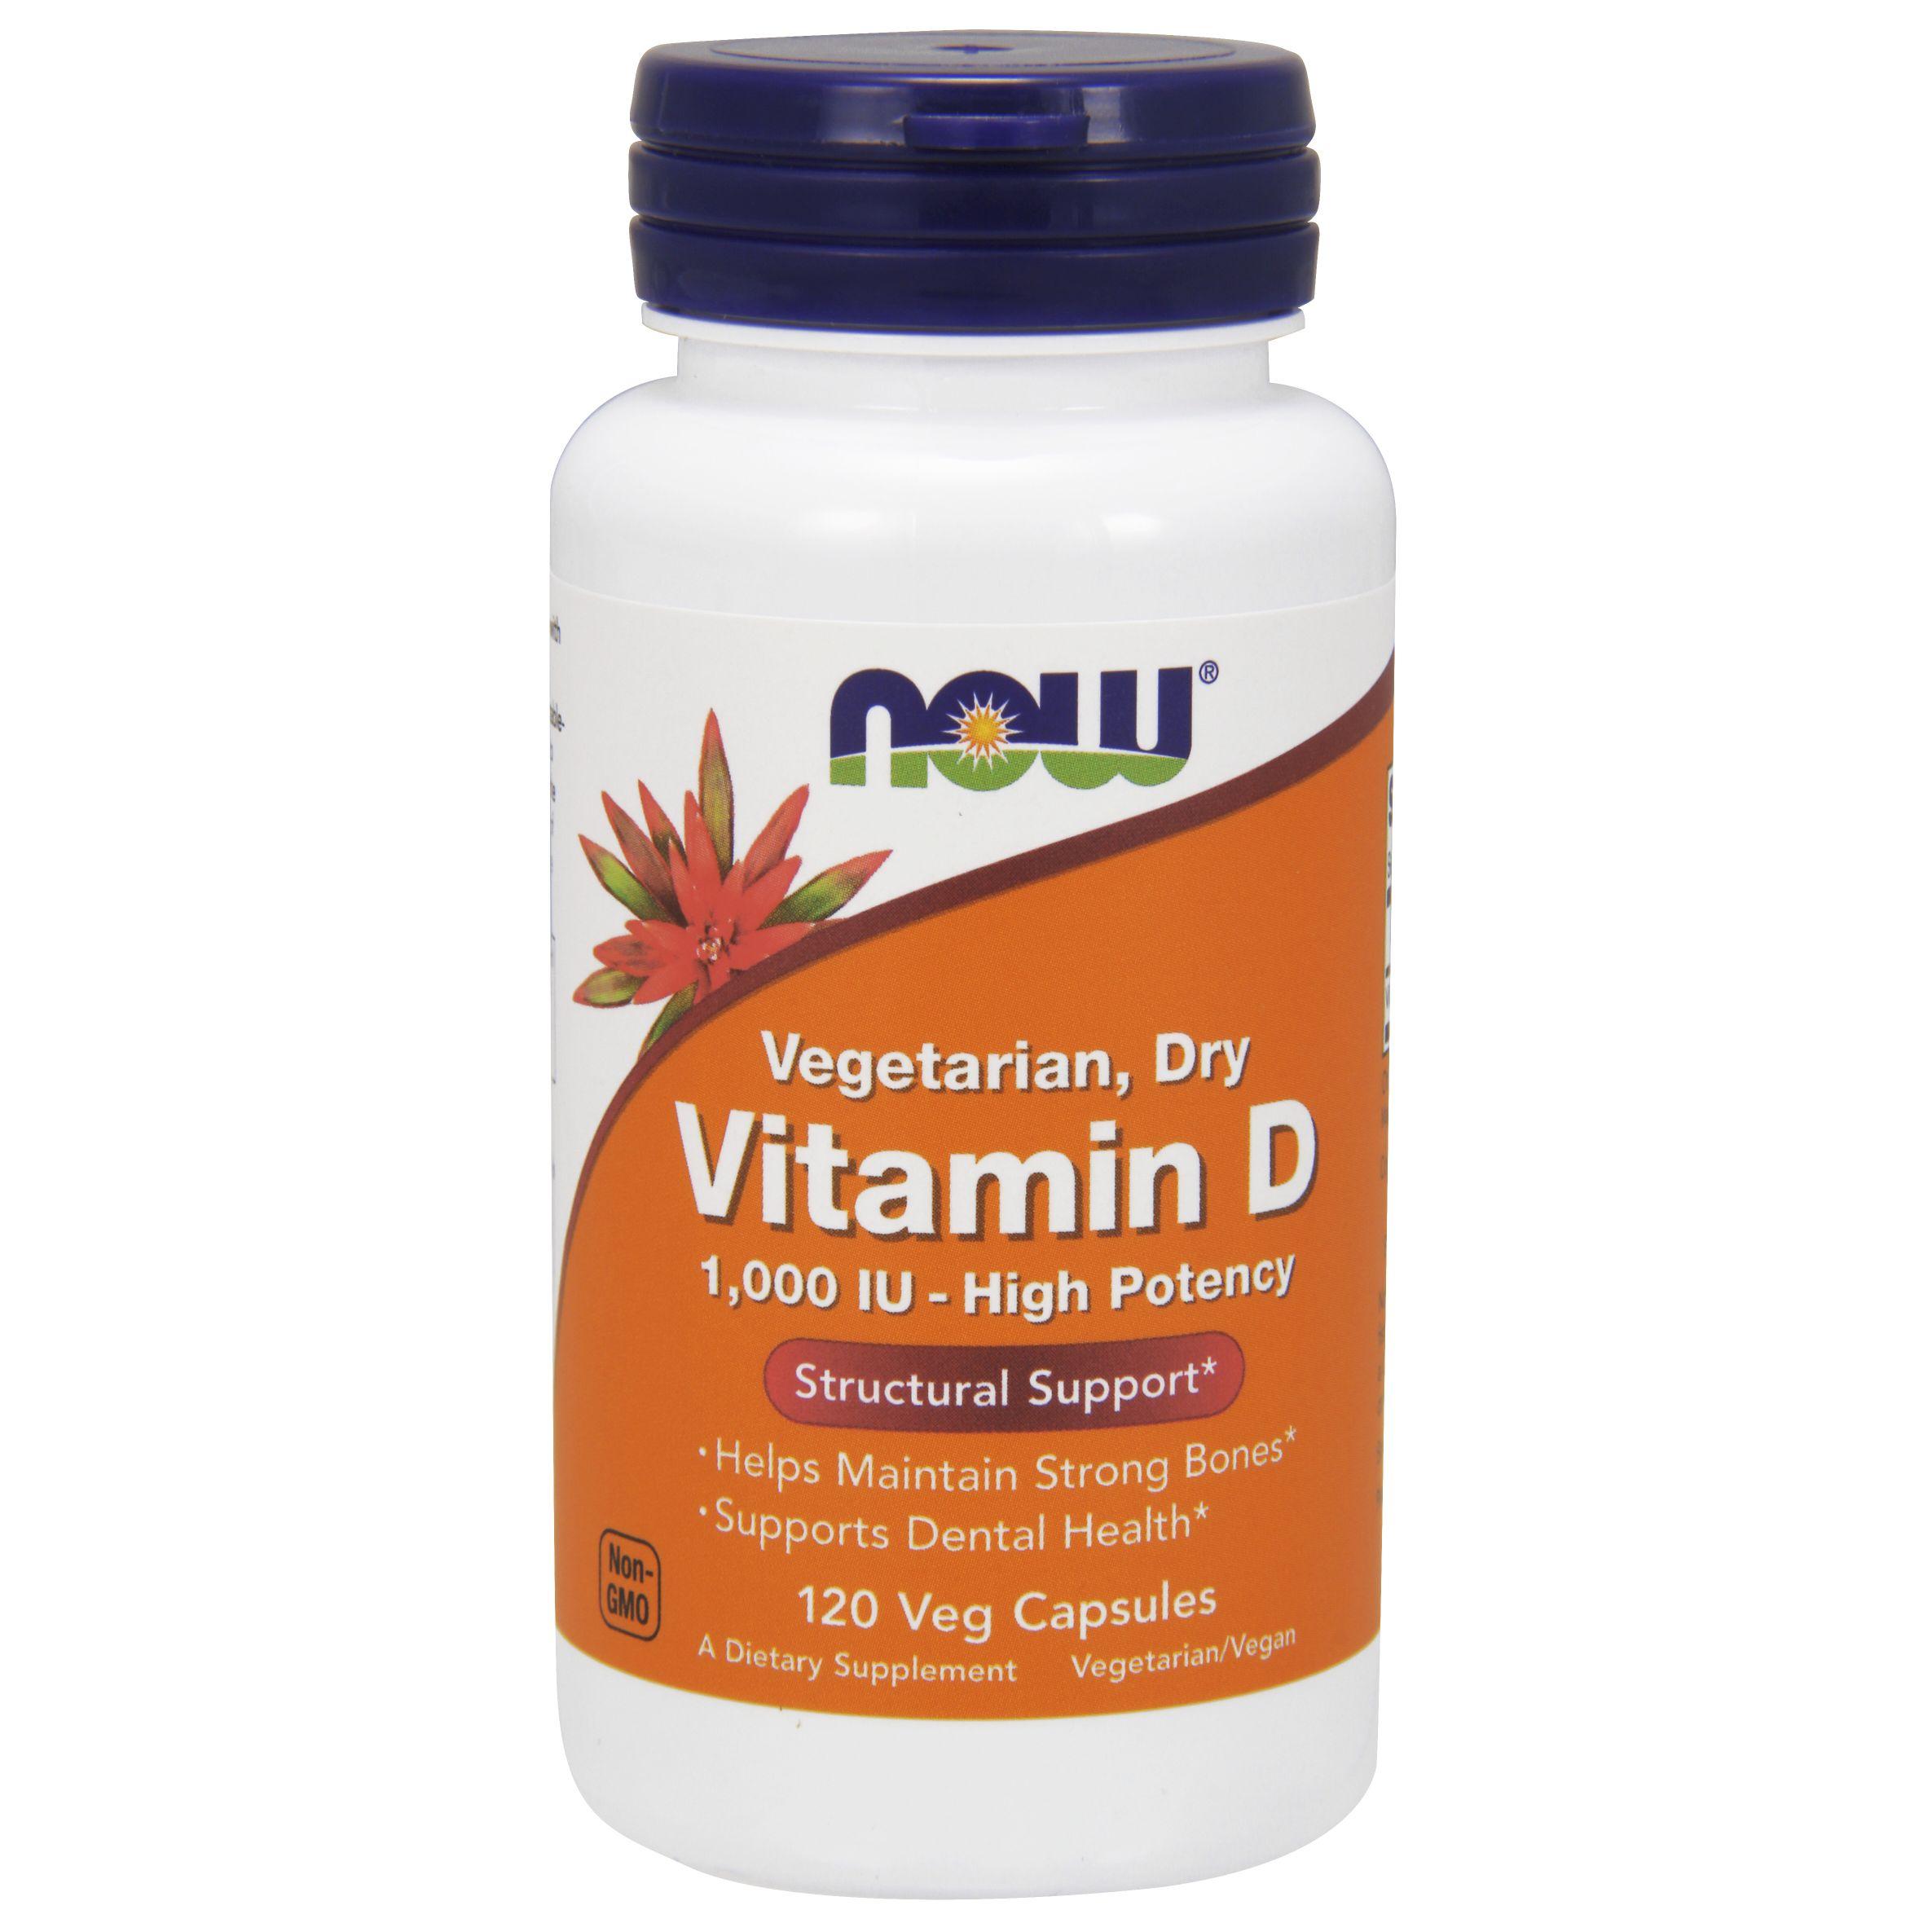 Macrobiotic Diets: Vitamin D 1000 IU 120 Vegetarian Capsules